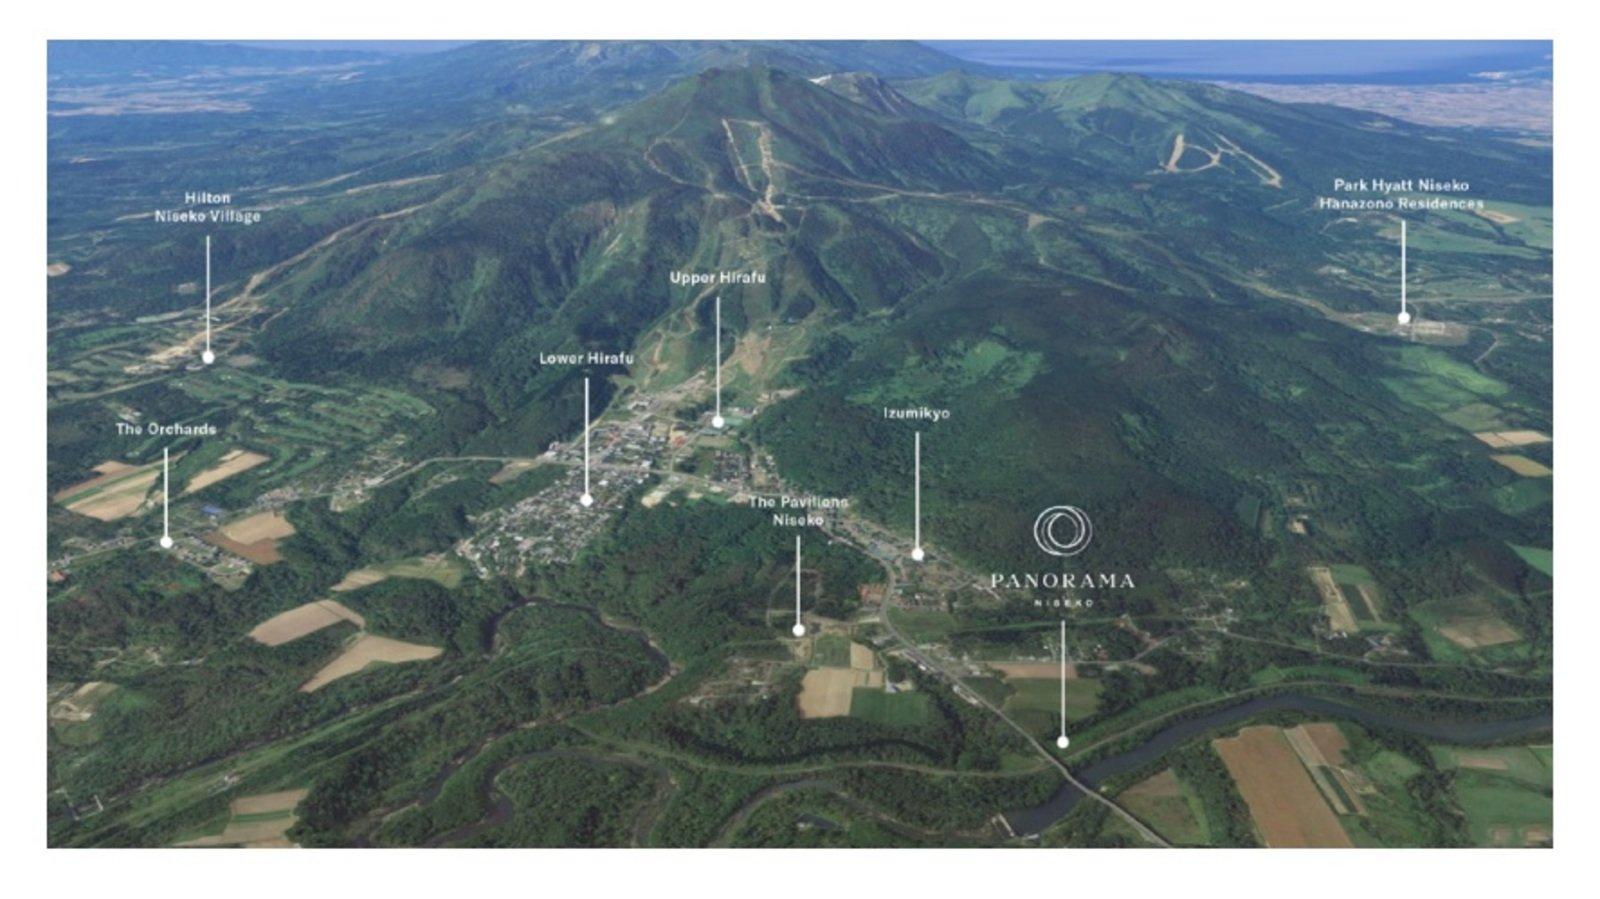 Panorama niseko aerial 1 large